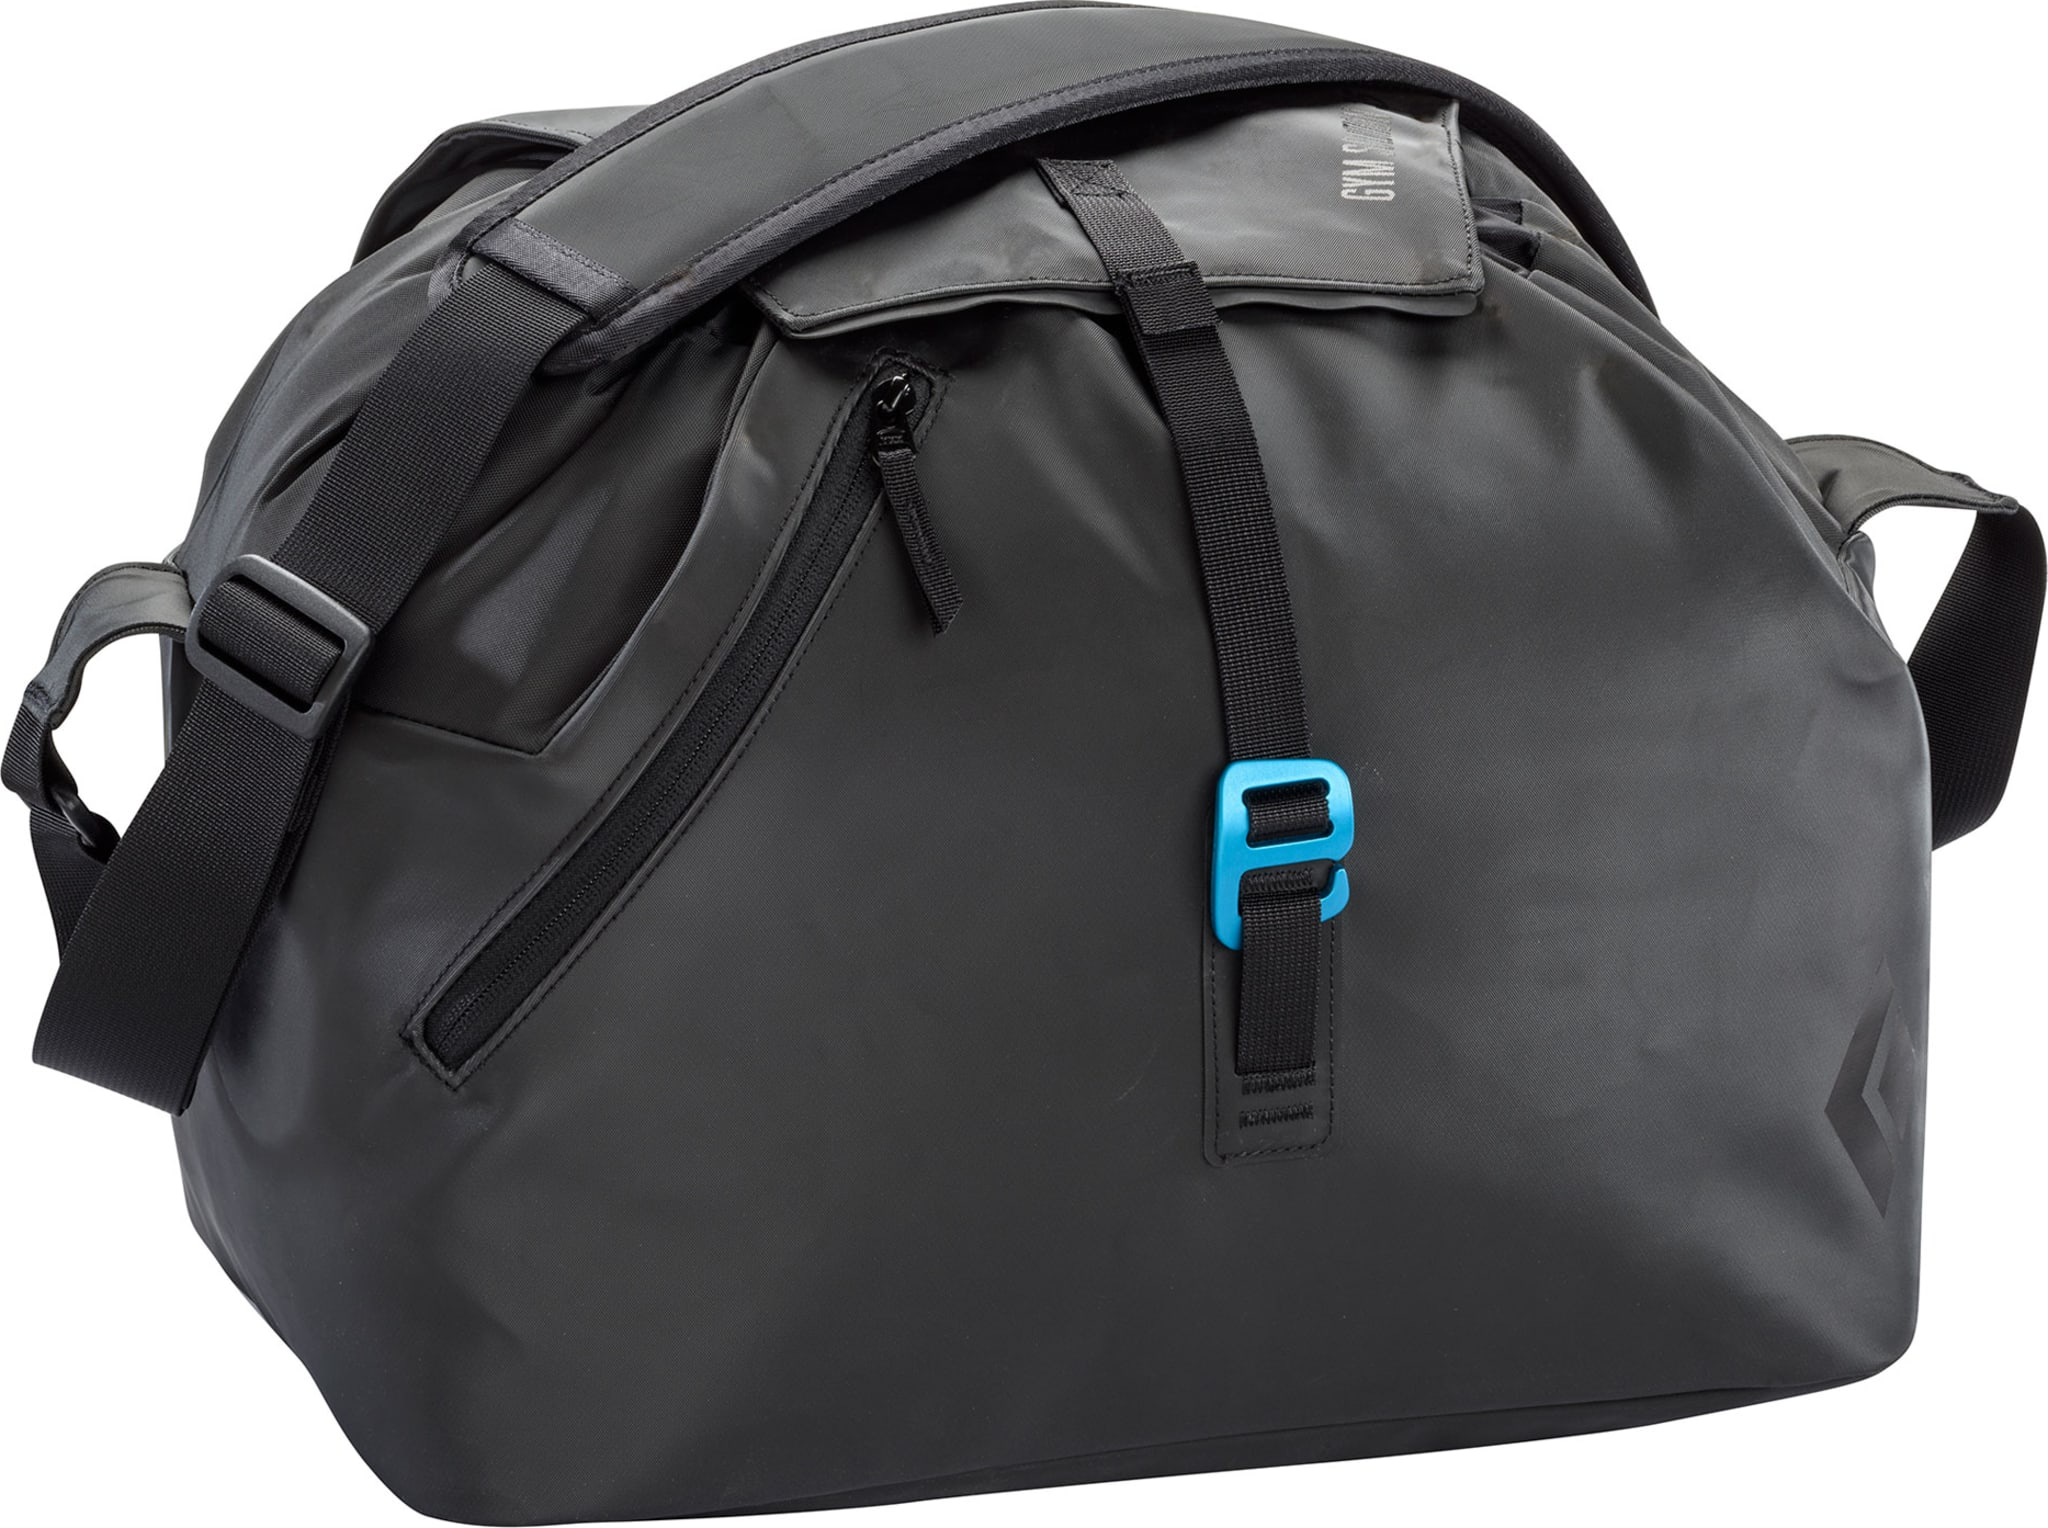 Praktisk treningsbag for inneklatring med plass til tau